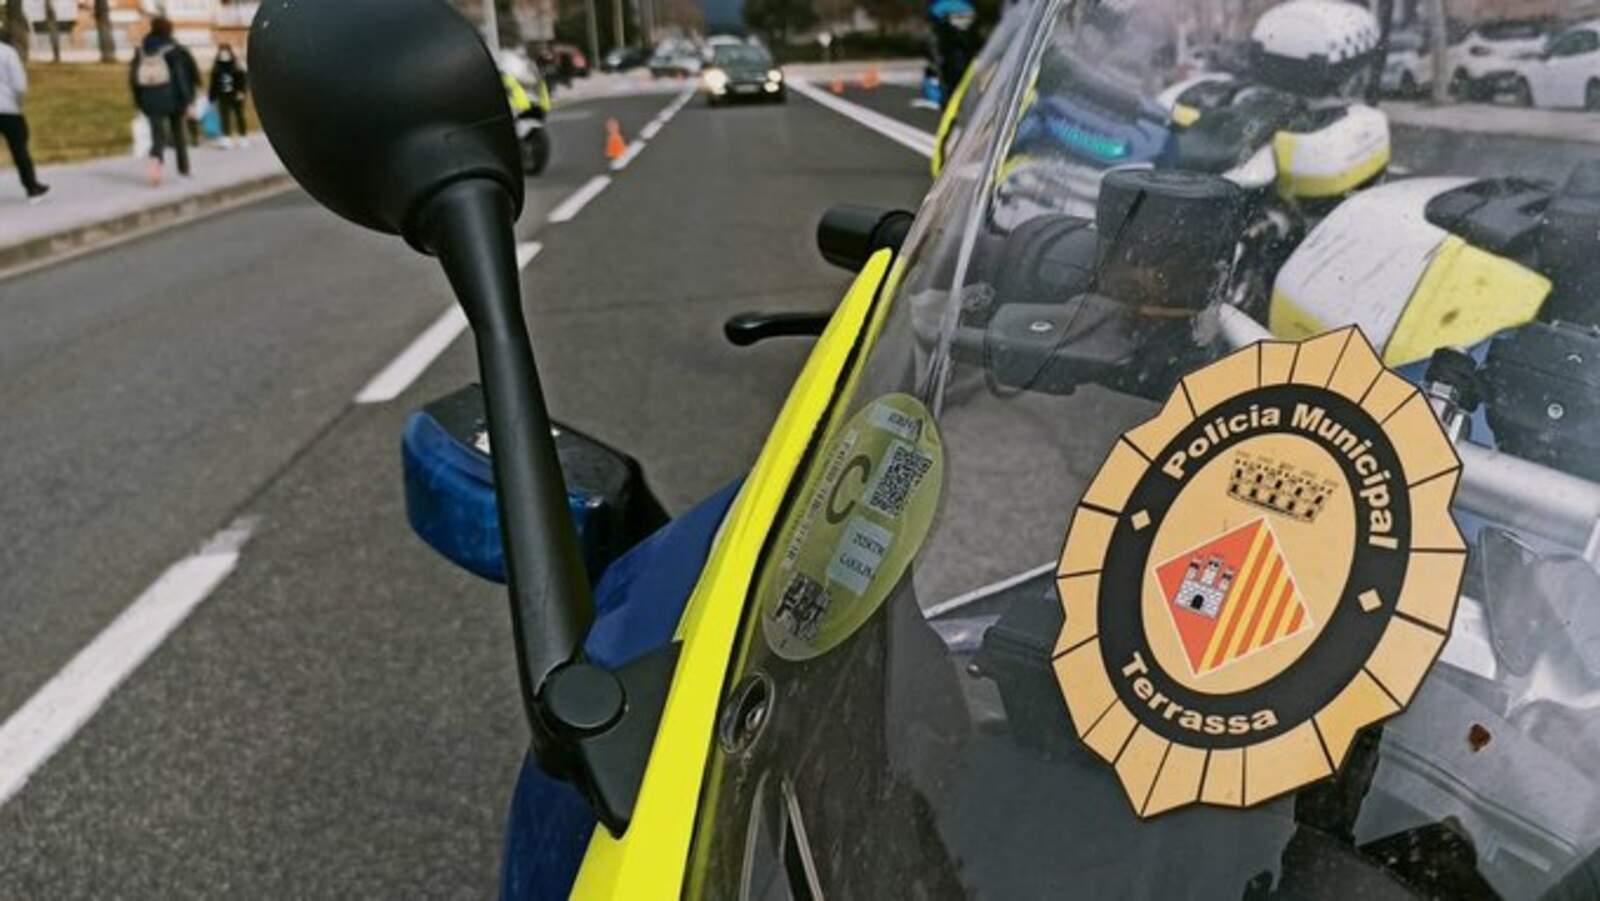 Vehicles de la Policia Municipal de Terrassa